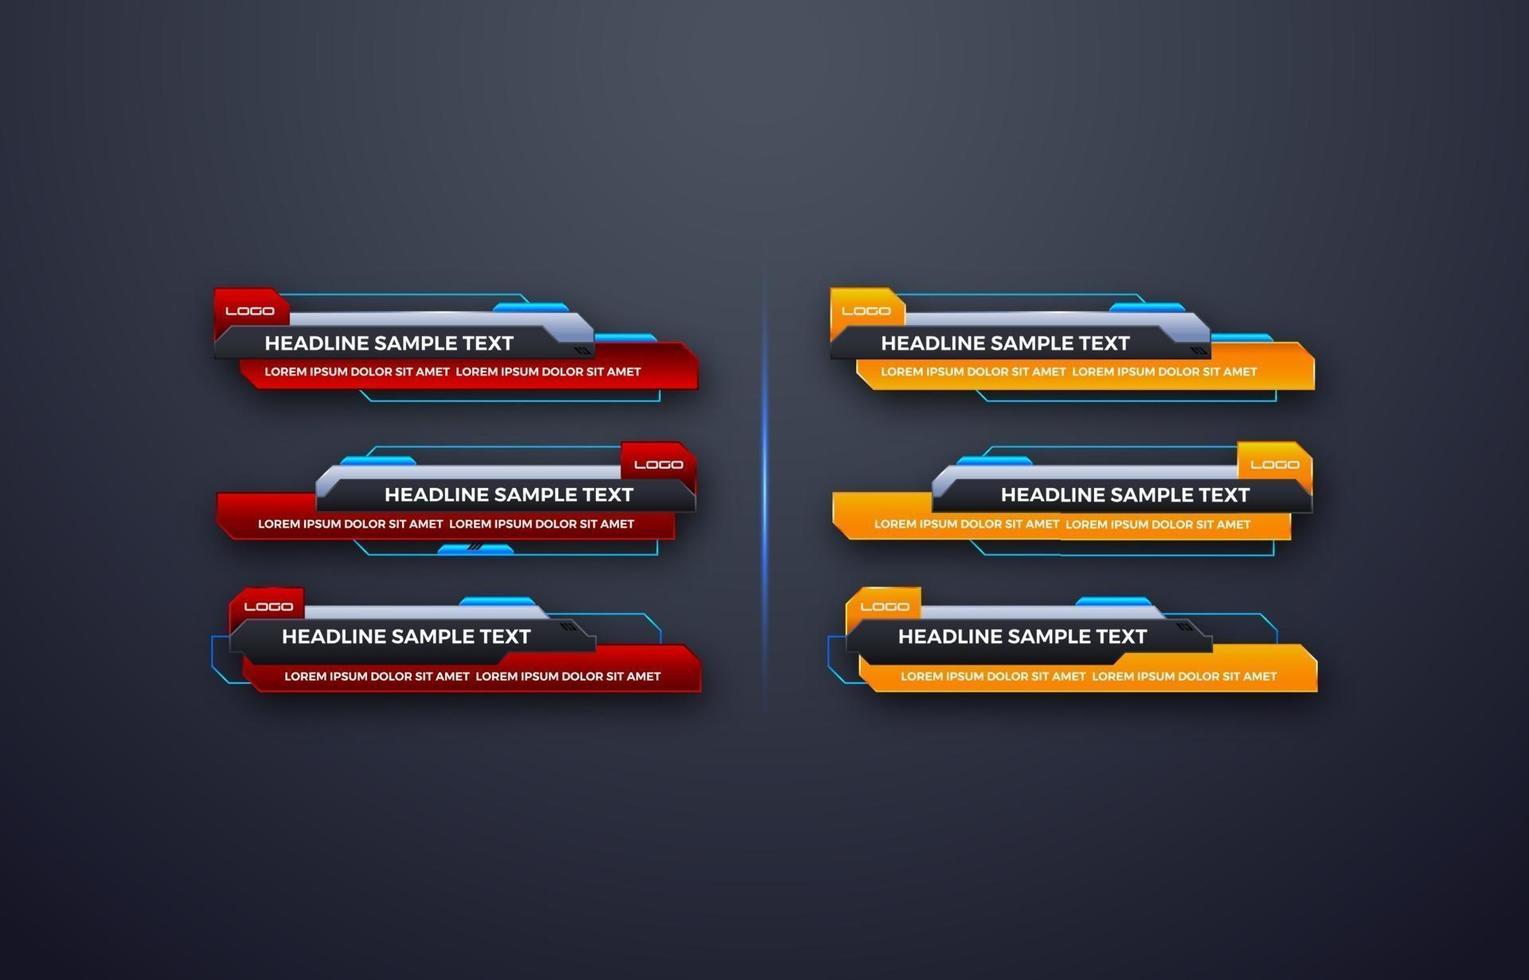 futuristische ontwerp vector interface onderste derde banner bars. streaming video. breaking, sportnieuws.